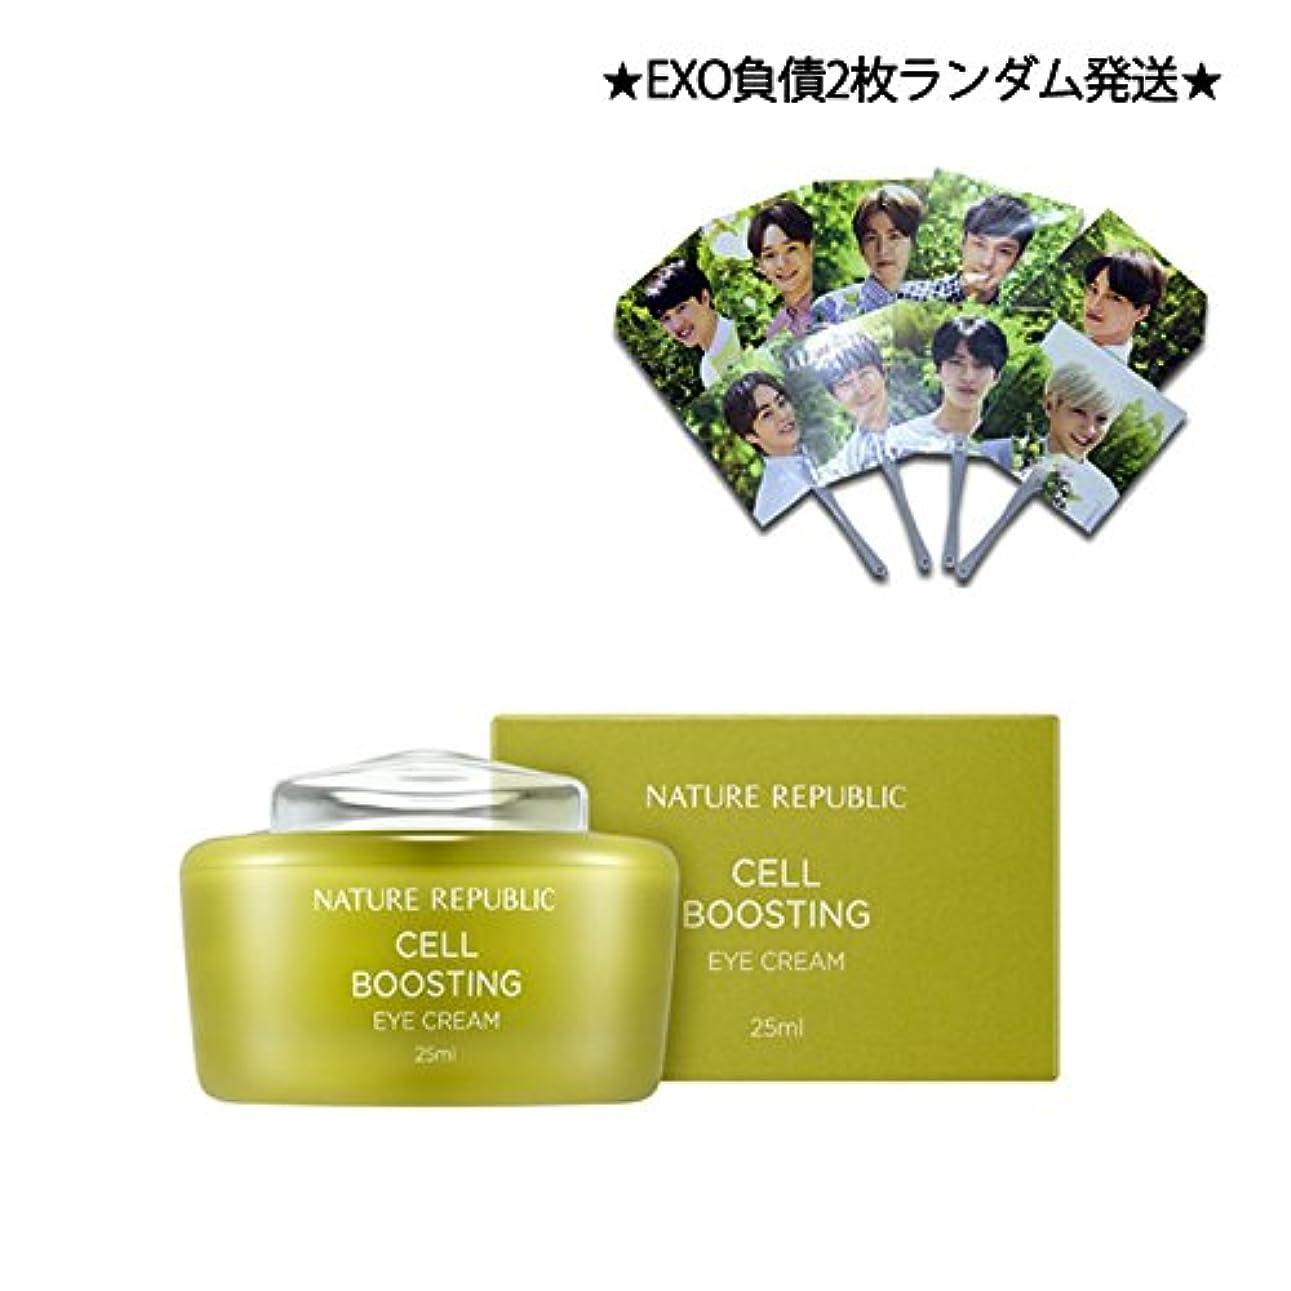 抑圧枝苦痛[ネイチャーリパブリック]NATURE REPUBLIC/セルブースティングアイクリーム+ EXO負債ランダム贈呈(2EA) /海外直送品/(Cell Boosting Eye Cream + EXO Fan Random Gift(2EA)) [並行輸入品]